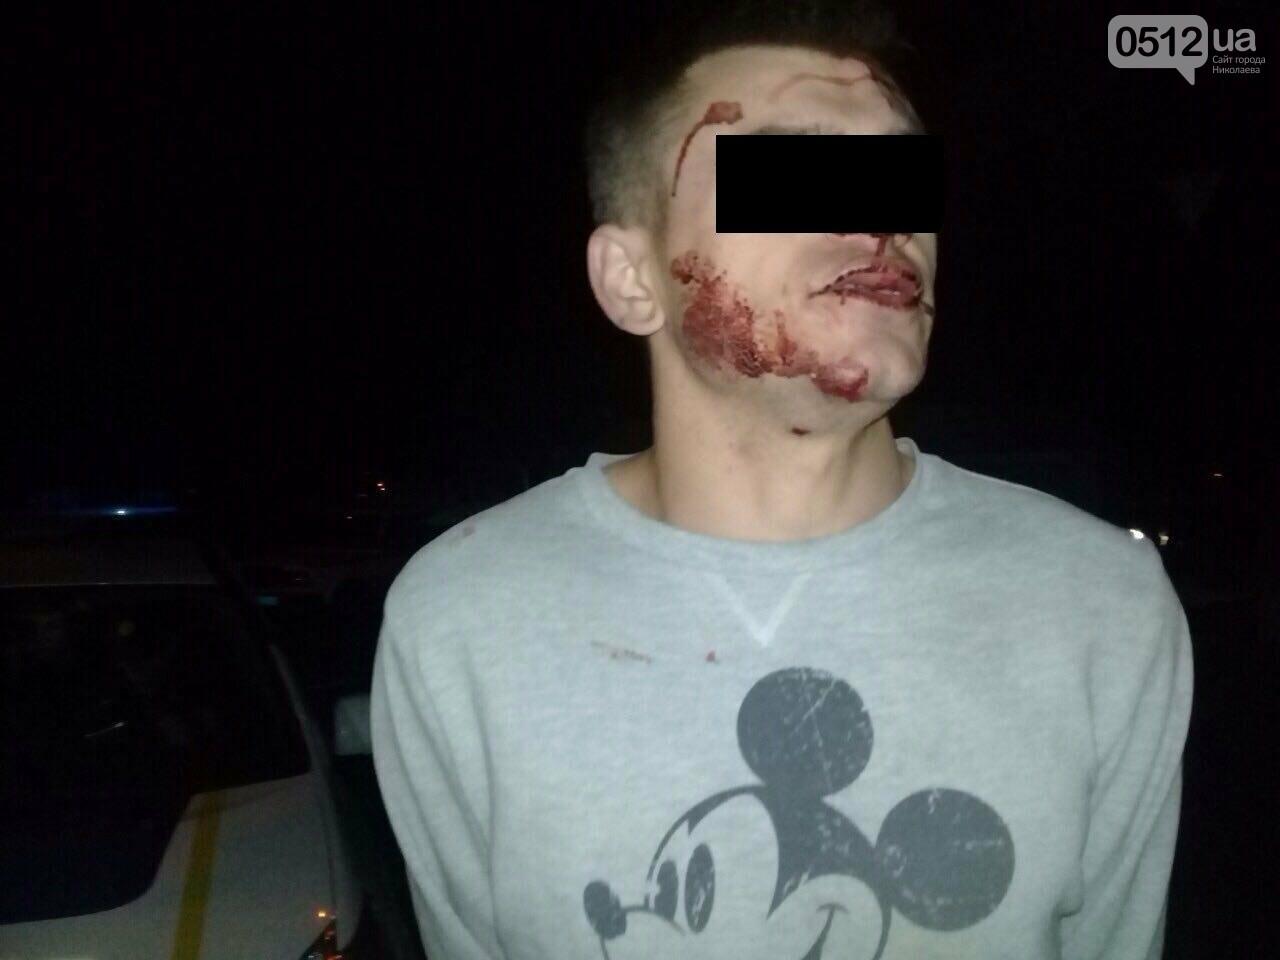 Погоня со стрельбой в Николаеве: патрульные задержали группу нетрезвых молодых людей (ФОТО), фото-6